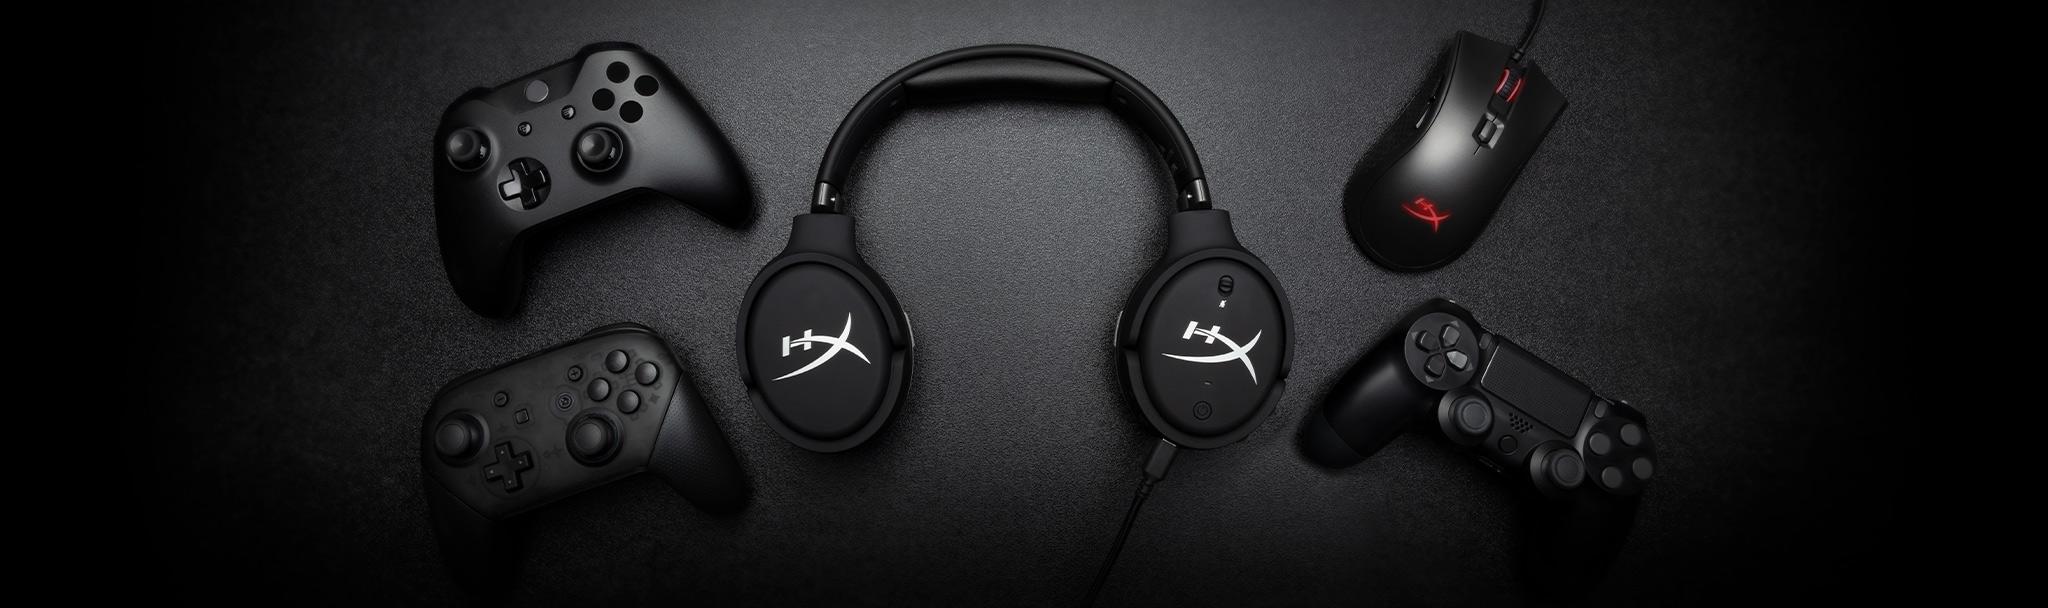 Tai nghe Kingston HyperX Cloud Orbit S Gaming Black (HX-HSCOS-GM/WW) tương thích với nhiều thiết bị khác nhau